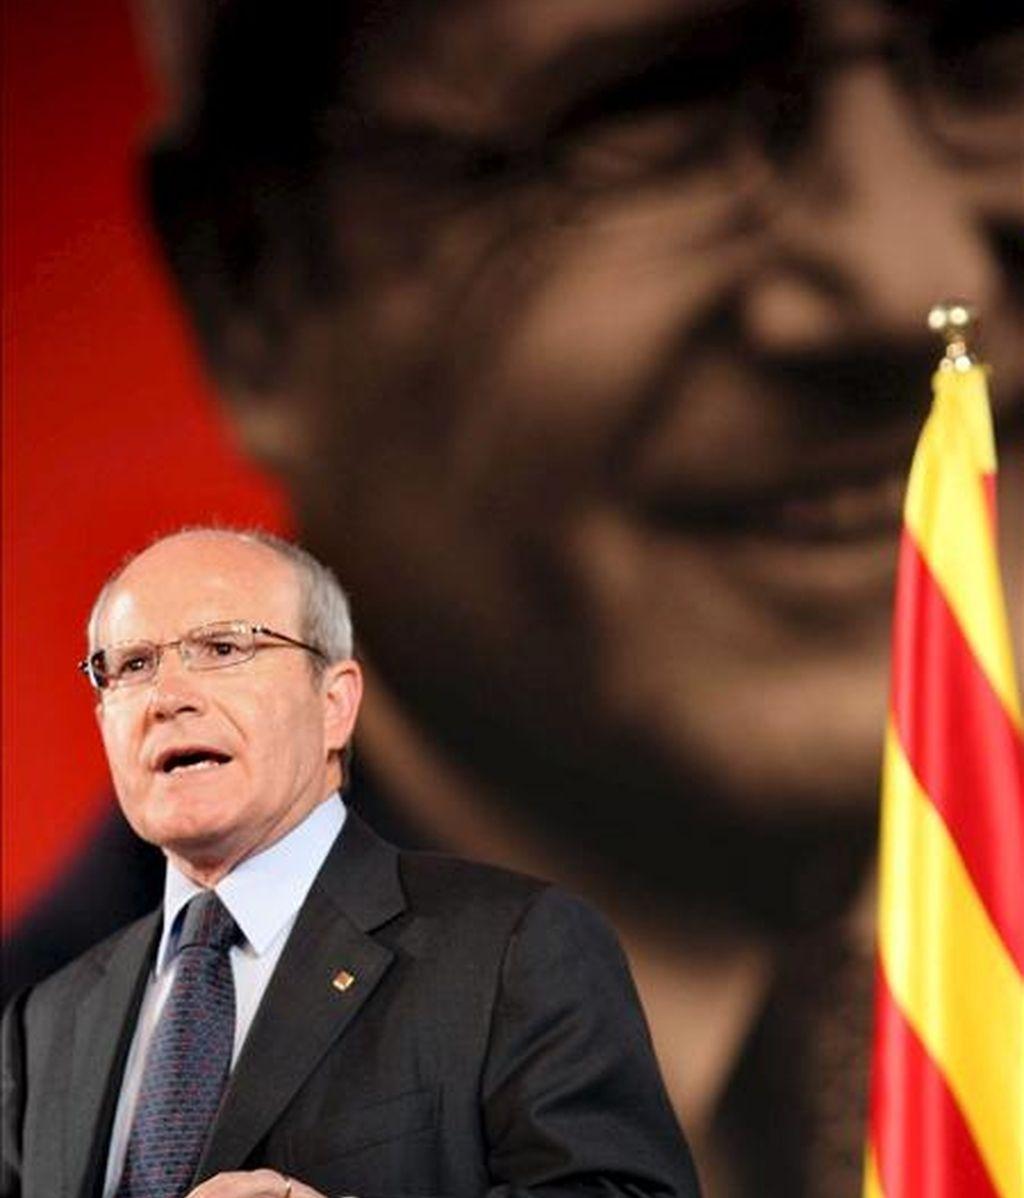 El presidente de la Generalitat y candidato a la reelección por los socialistas catalanes (PSC), José Montilla. EFE/Archivo